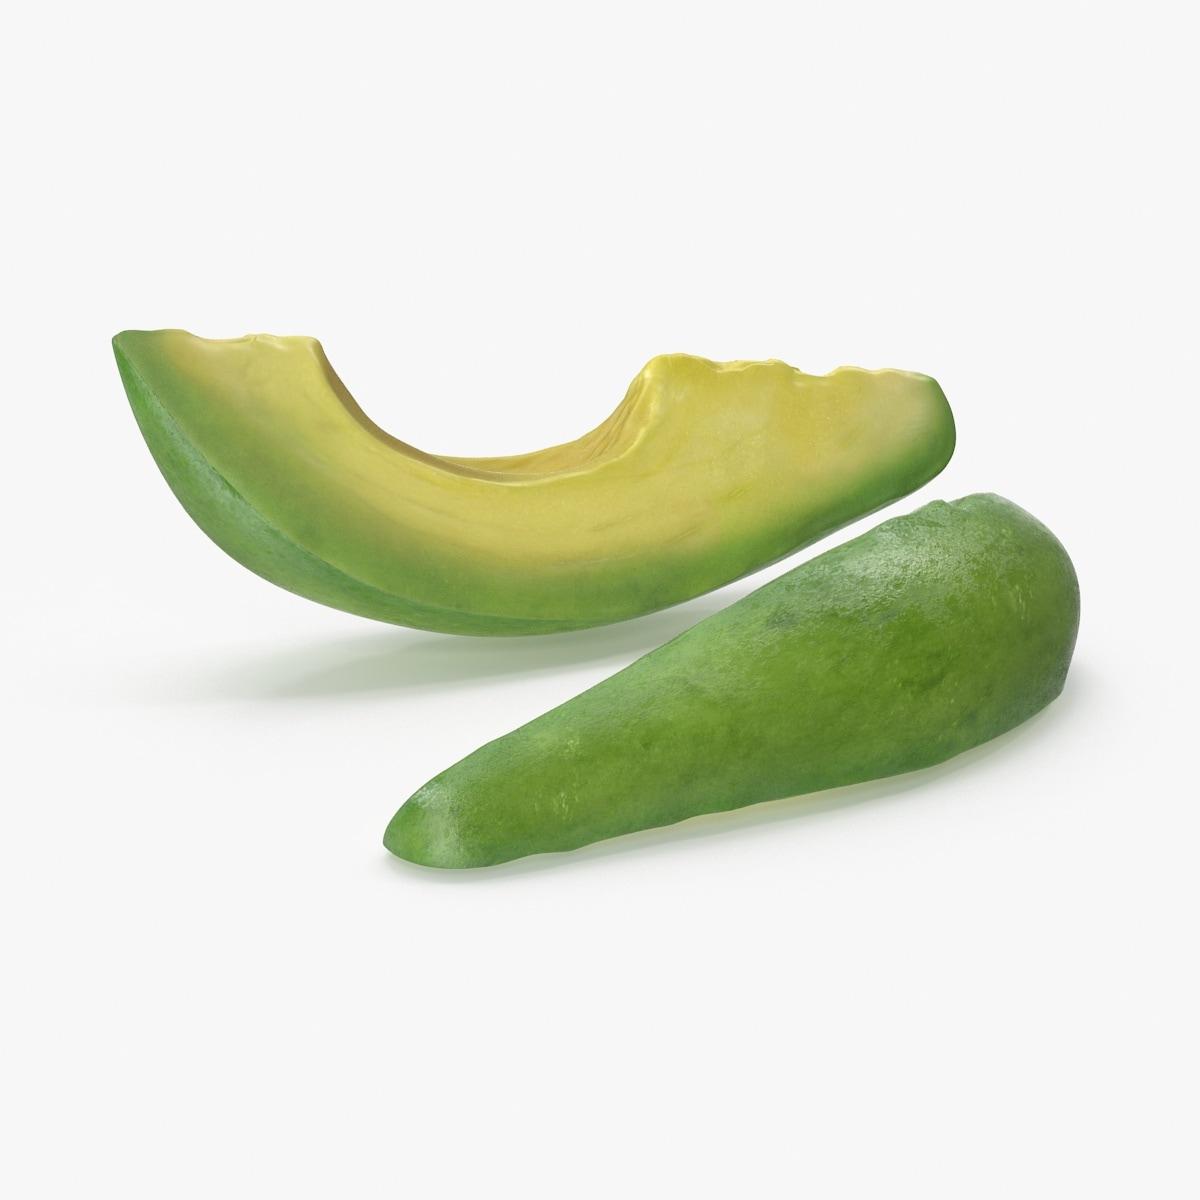 Avocado_Slice_SQRSignature_0000.jpg